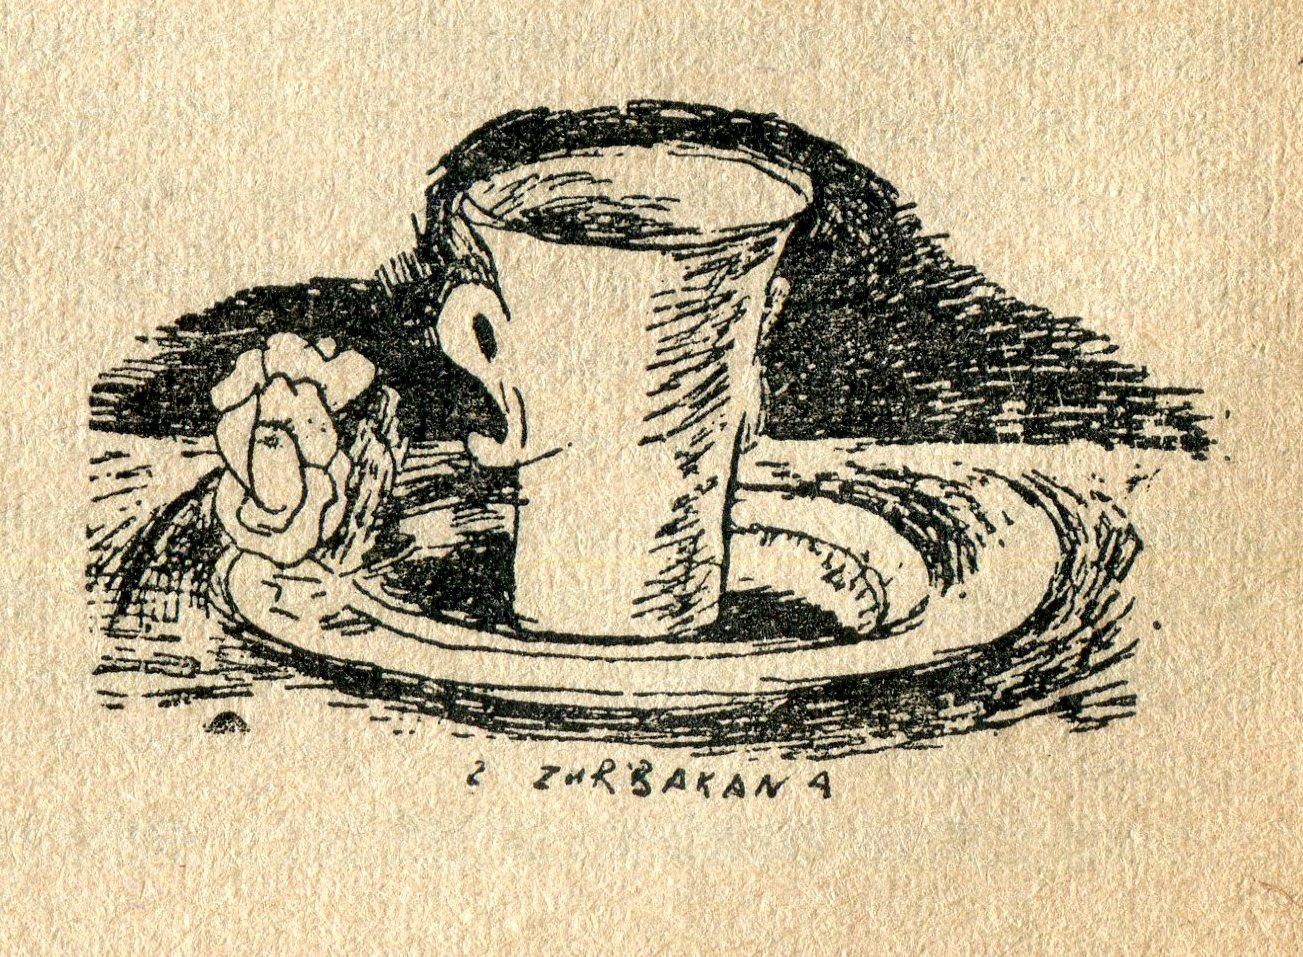 """<div class='inner-box'><div class='close-desc'></div><span class='opis'>Józef Czapski - rysunek """"Z Zurbarana"""", ilustrujący tekst J.Cz. pt. """"Rzeczy żywe i bez ruchu"""". """"Kultura"""" nr 10/72, 1953 r. s. 10.</span><div class='clearfix'></div><span>Sygn. sm00252</span><div class='clearfix'></div><span>© Instytut Literacki</span></div>"""